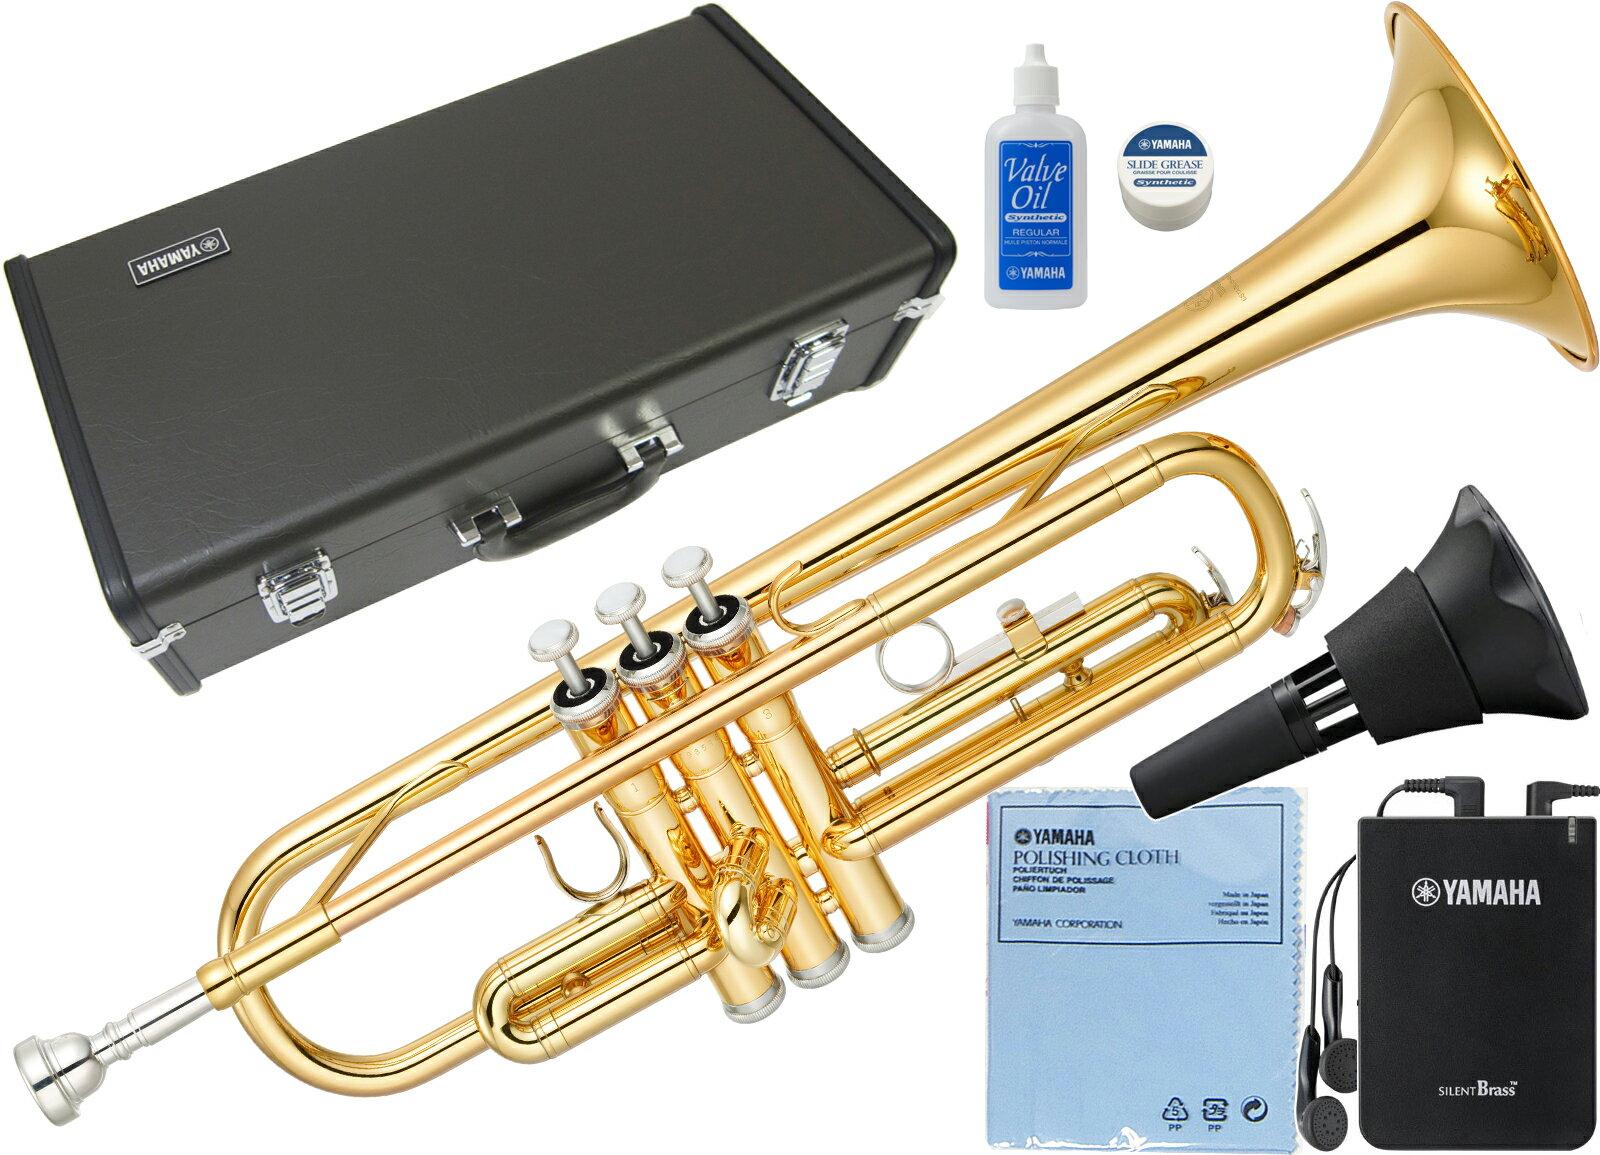 YAMAHA(ヤマハ)YTR-2330トランペットサイレントブラス新品正規品初心者管楽器管体ゴールド